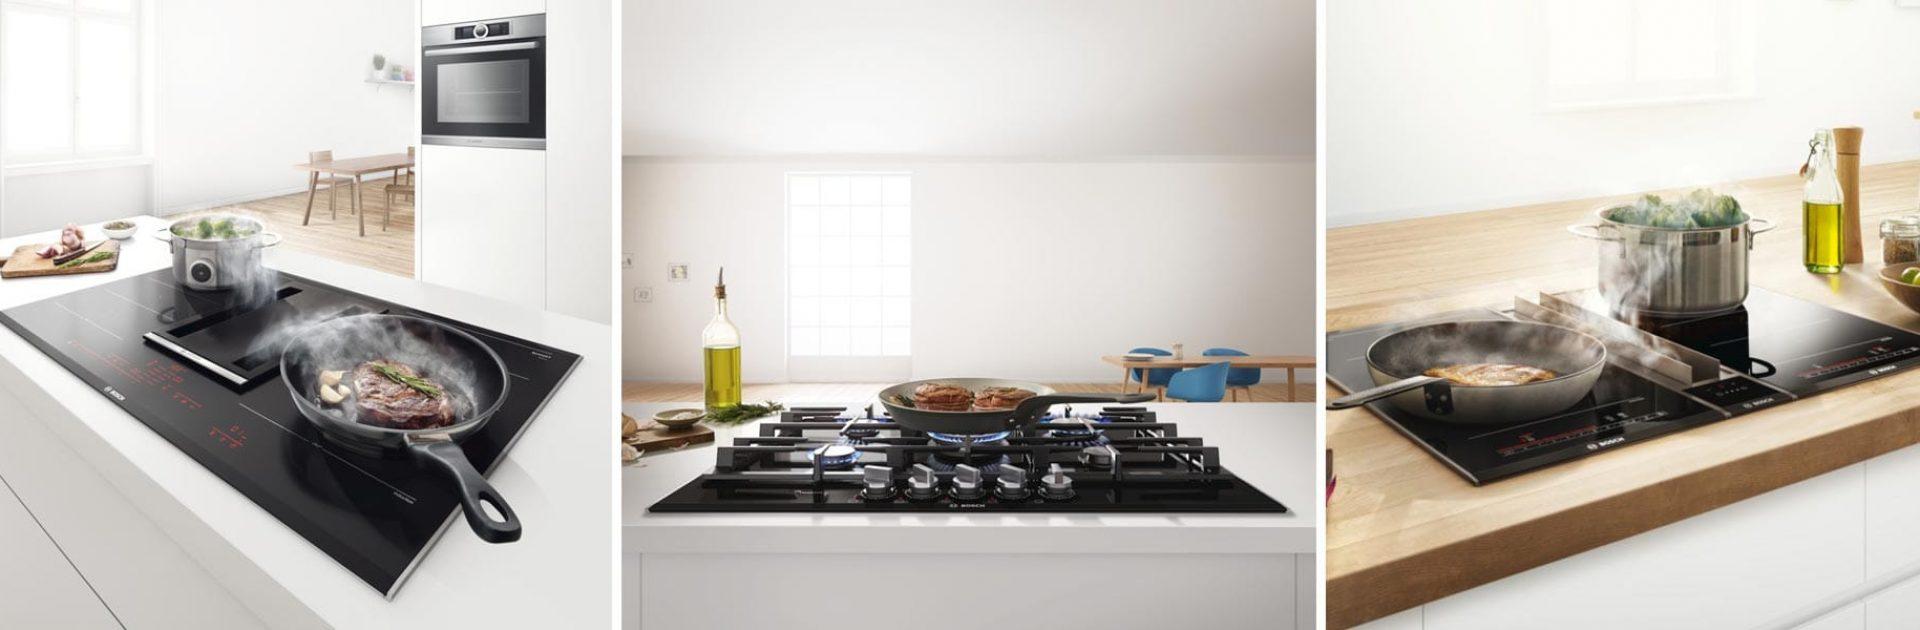 Gas- inductie- of keramische kookplaat